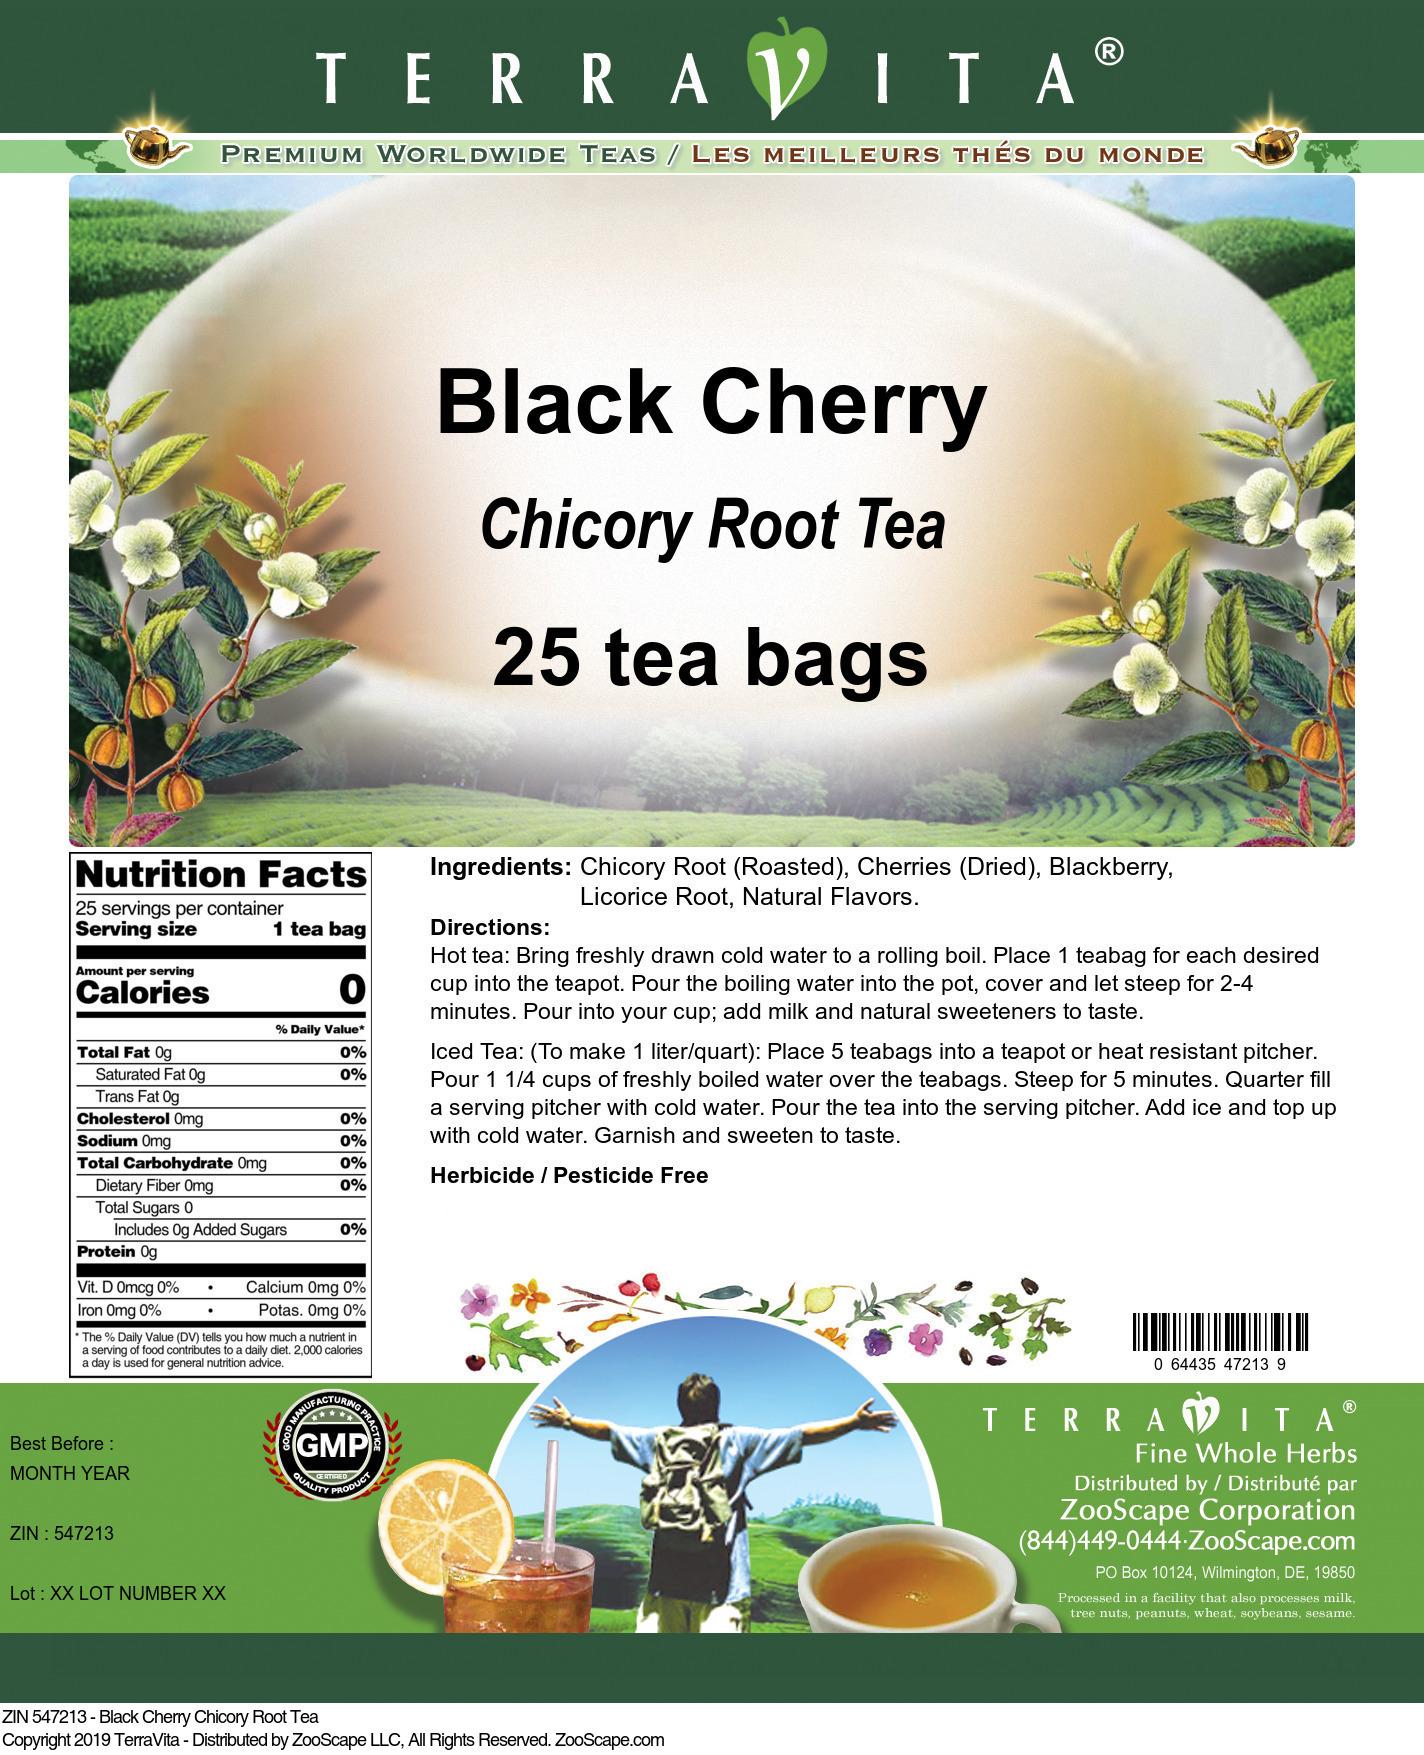 Black Cherry Chicory Root